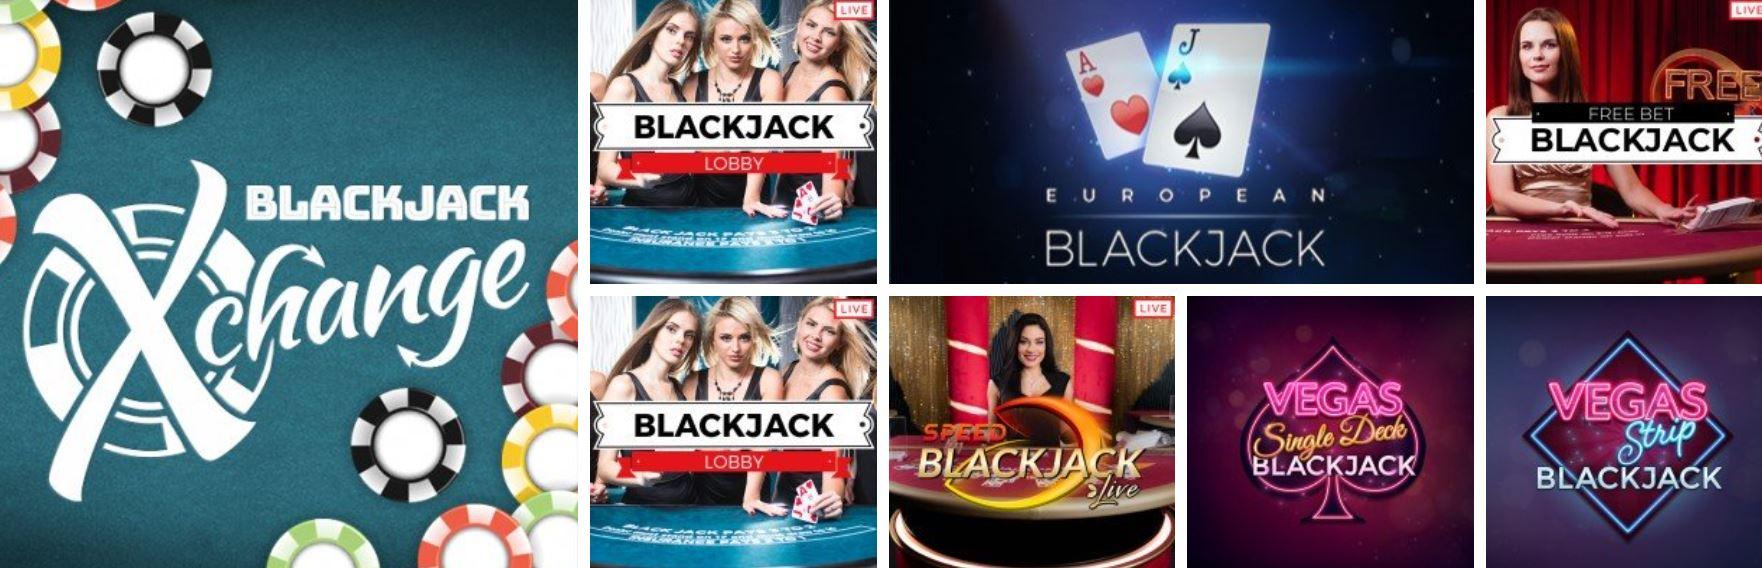 Existen diferentes modos de juegos de blackjack.